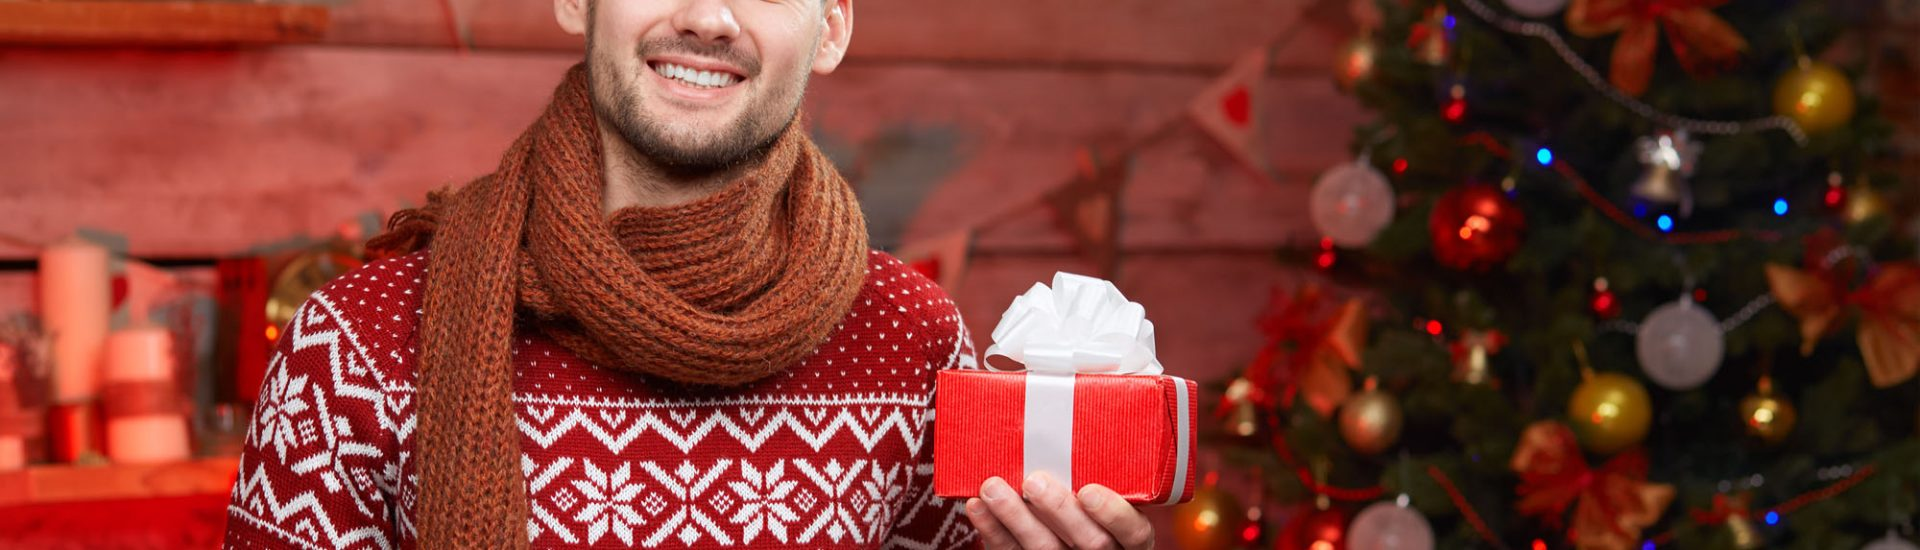 Weihnachtsgeschenke für den Bruder - Top 10 Inspirationen